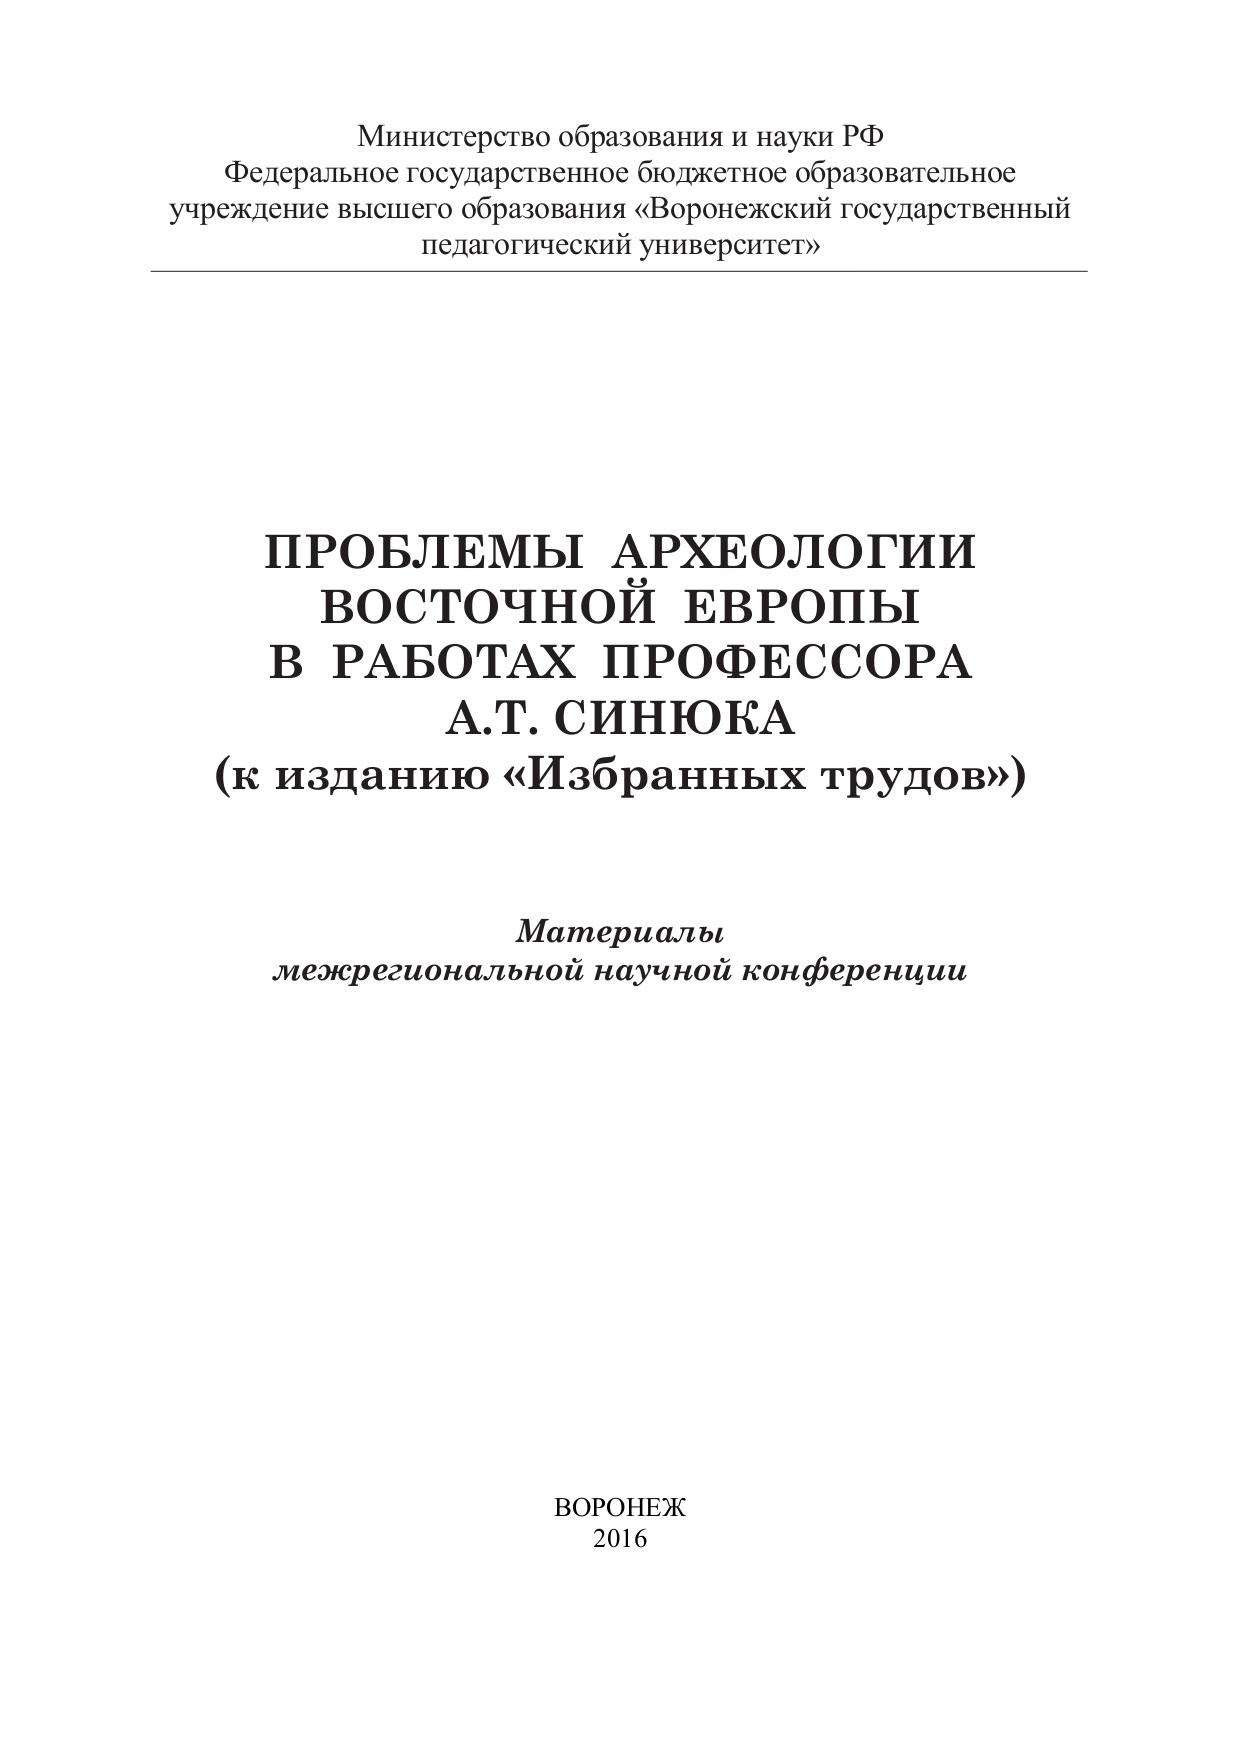 Проблемы археологии Восточной Европы в работах профессора А.Т. Синюка